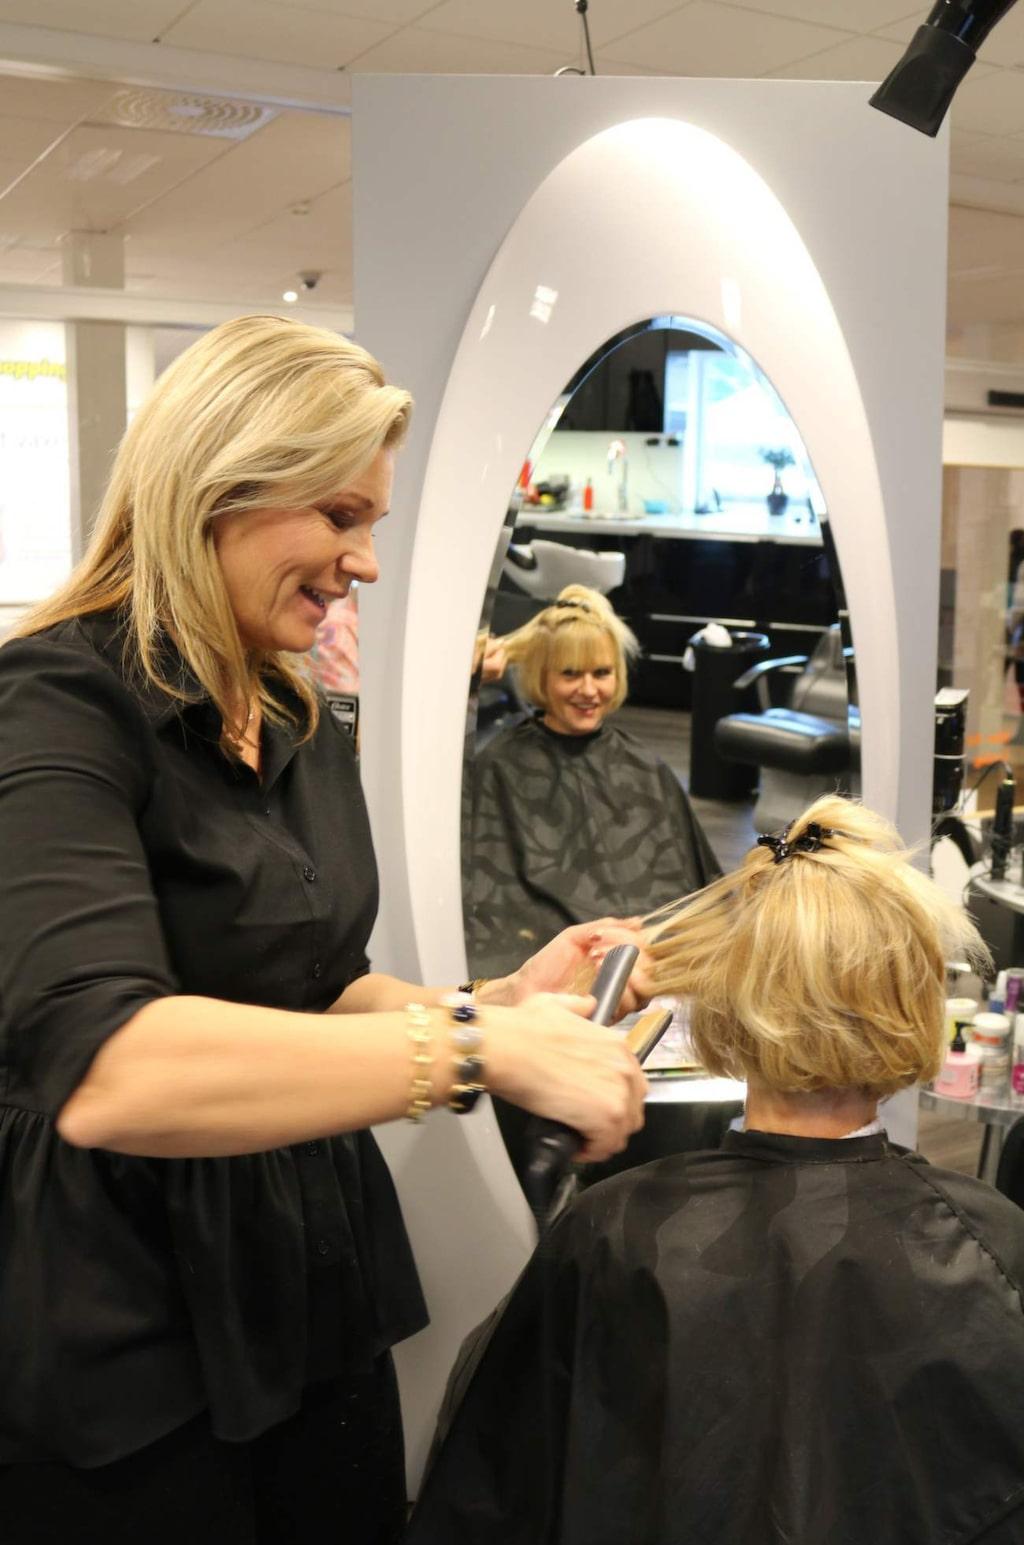 <p>Camilla Karlsson på Hår &amp; Häpna friserar Moniqa Börjesgård från Ingelsta som tar en paus i shoppingen.</p>